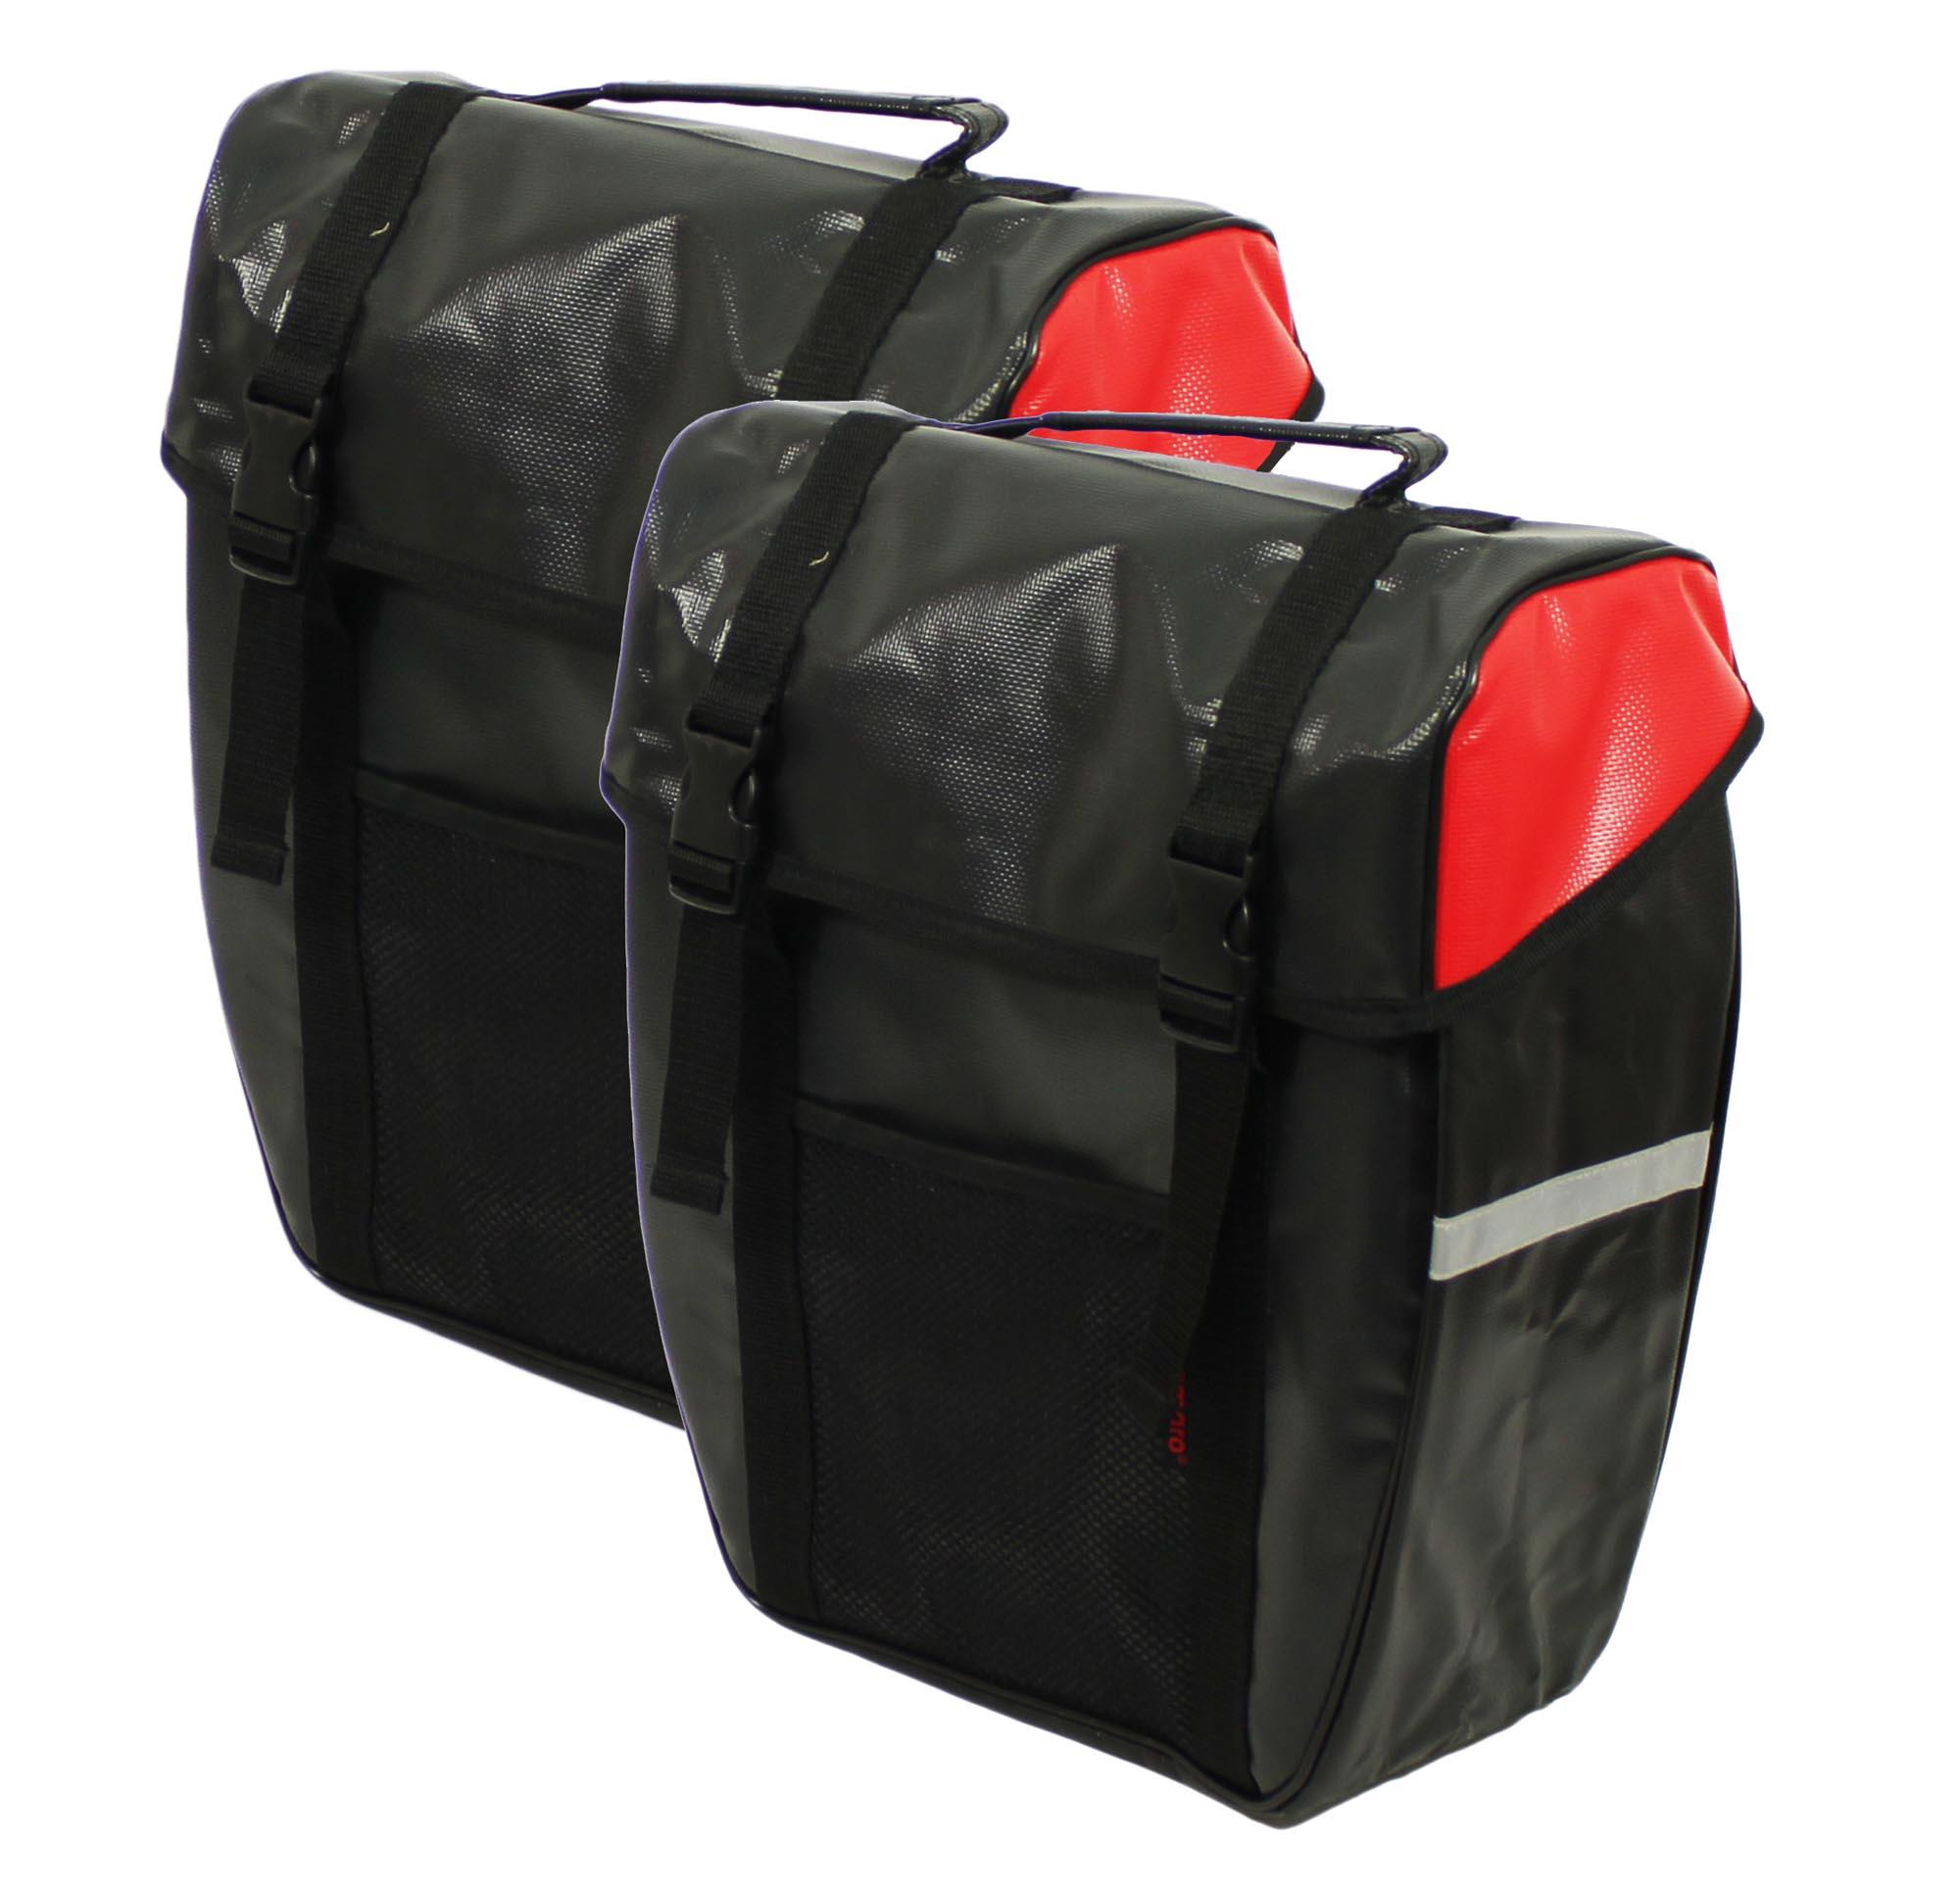 streetcoach fahrradtaschen doppelpacktasche hecktaschen. Black Bedroom Furniture Sets. Home Design Ideas